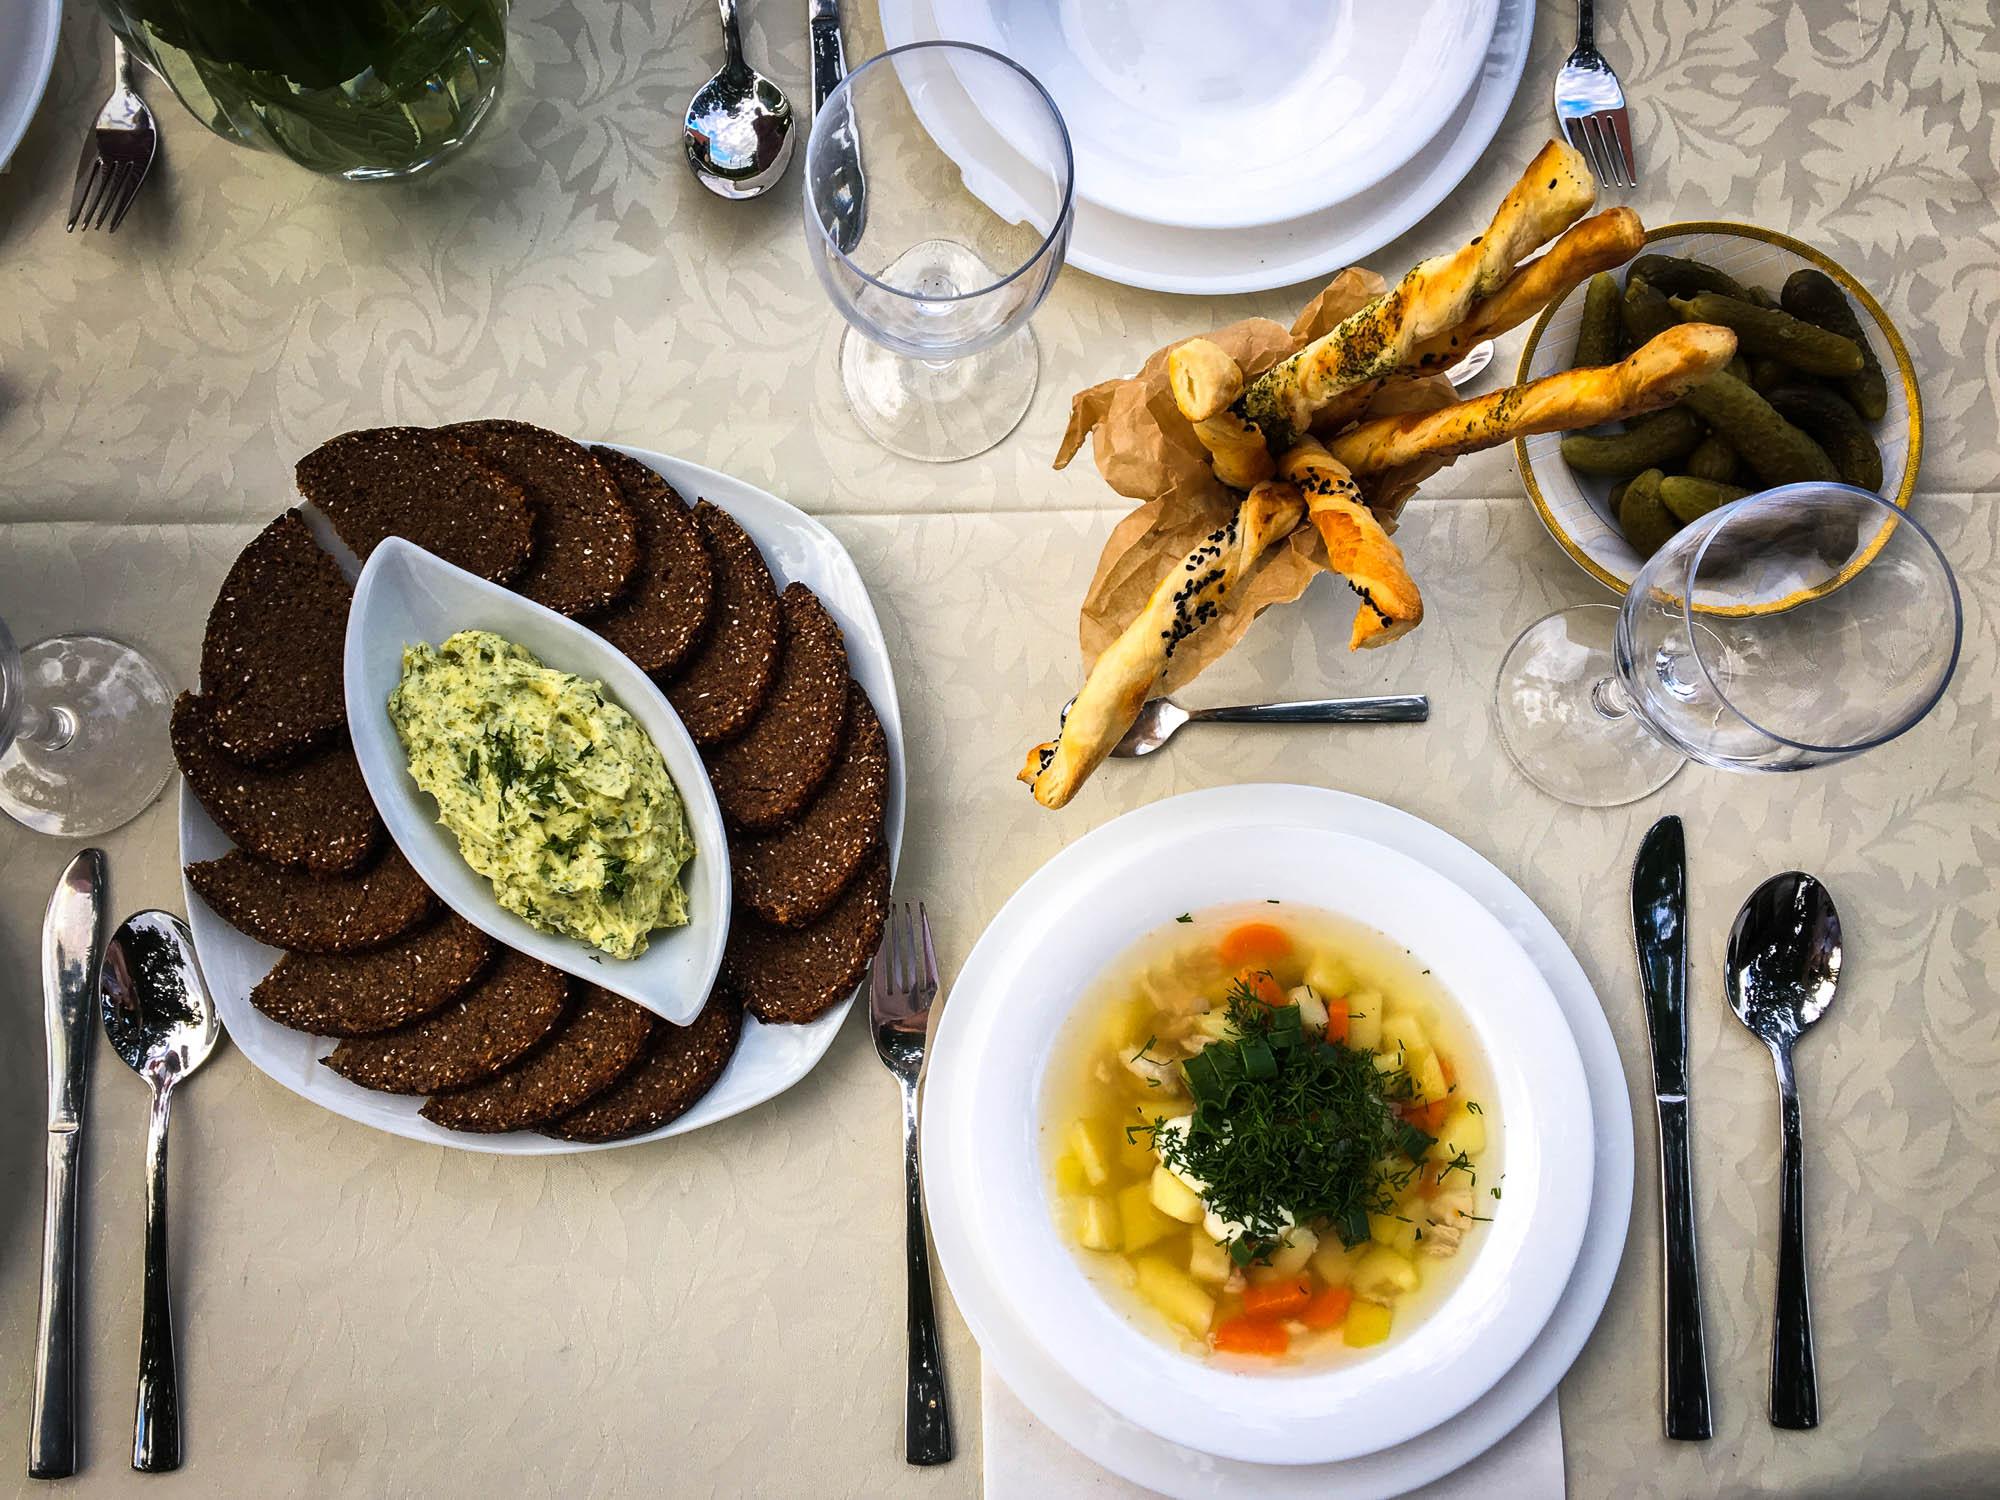 Måltid med fiskesuppe og rugbrød i Latvia